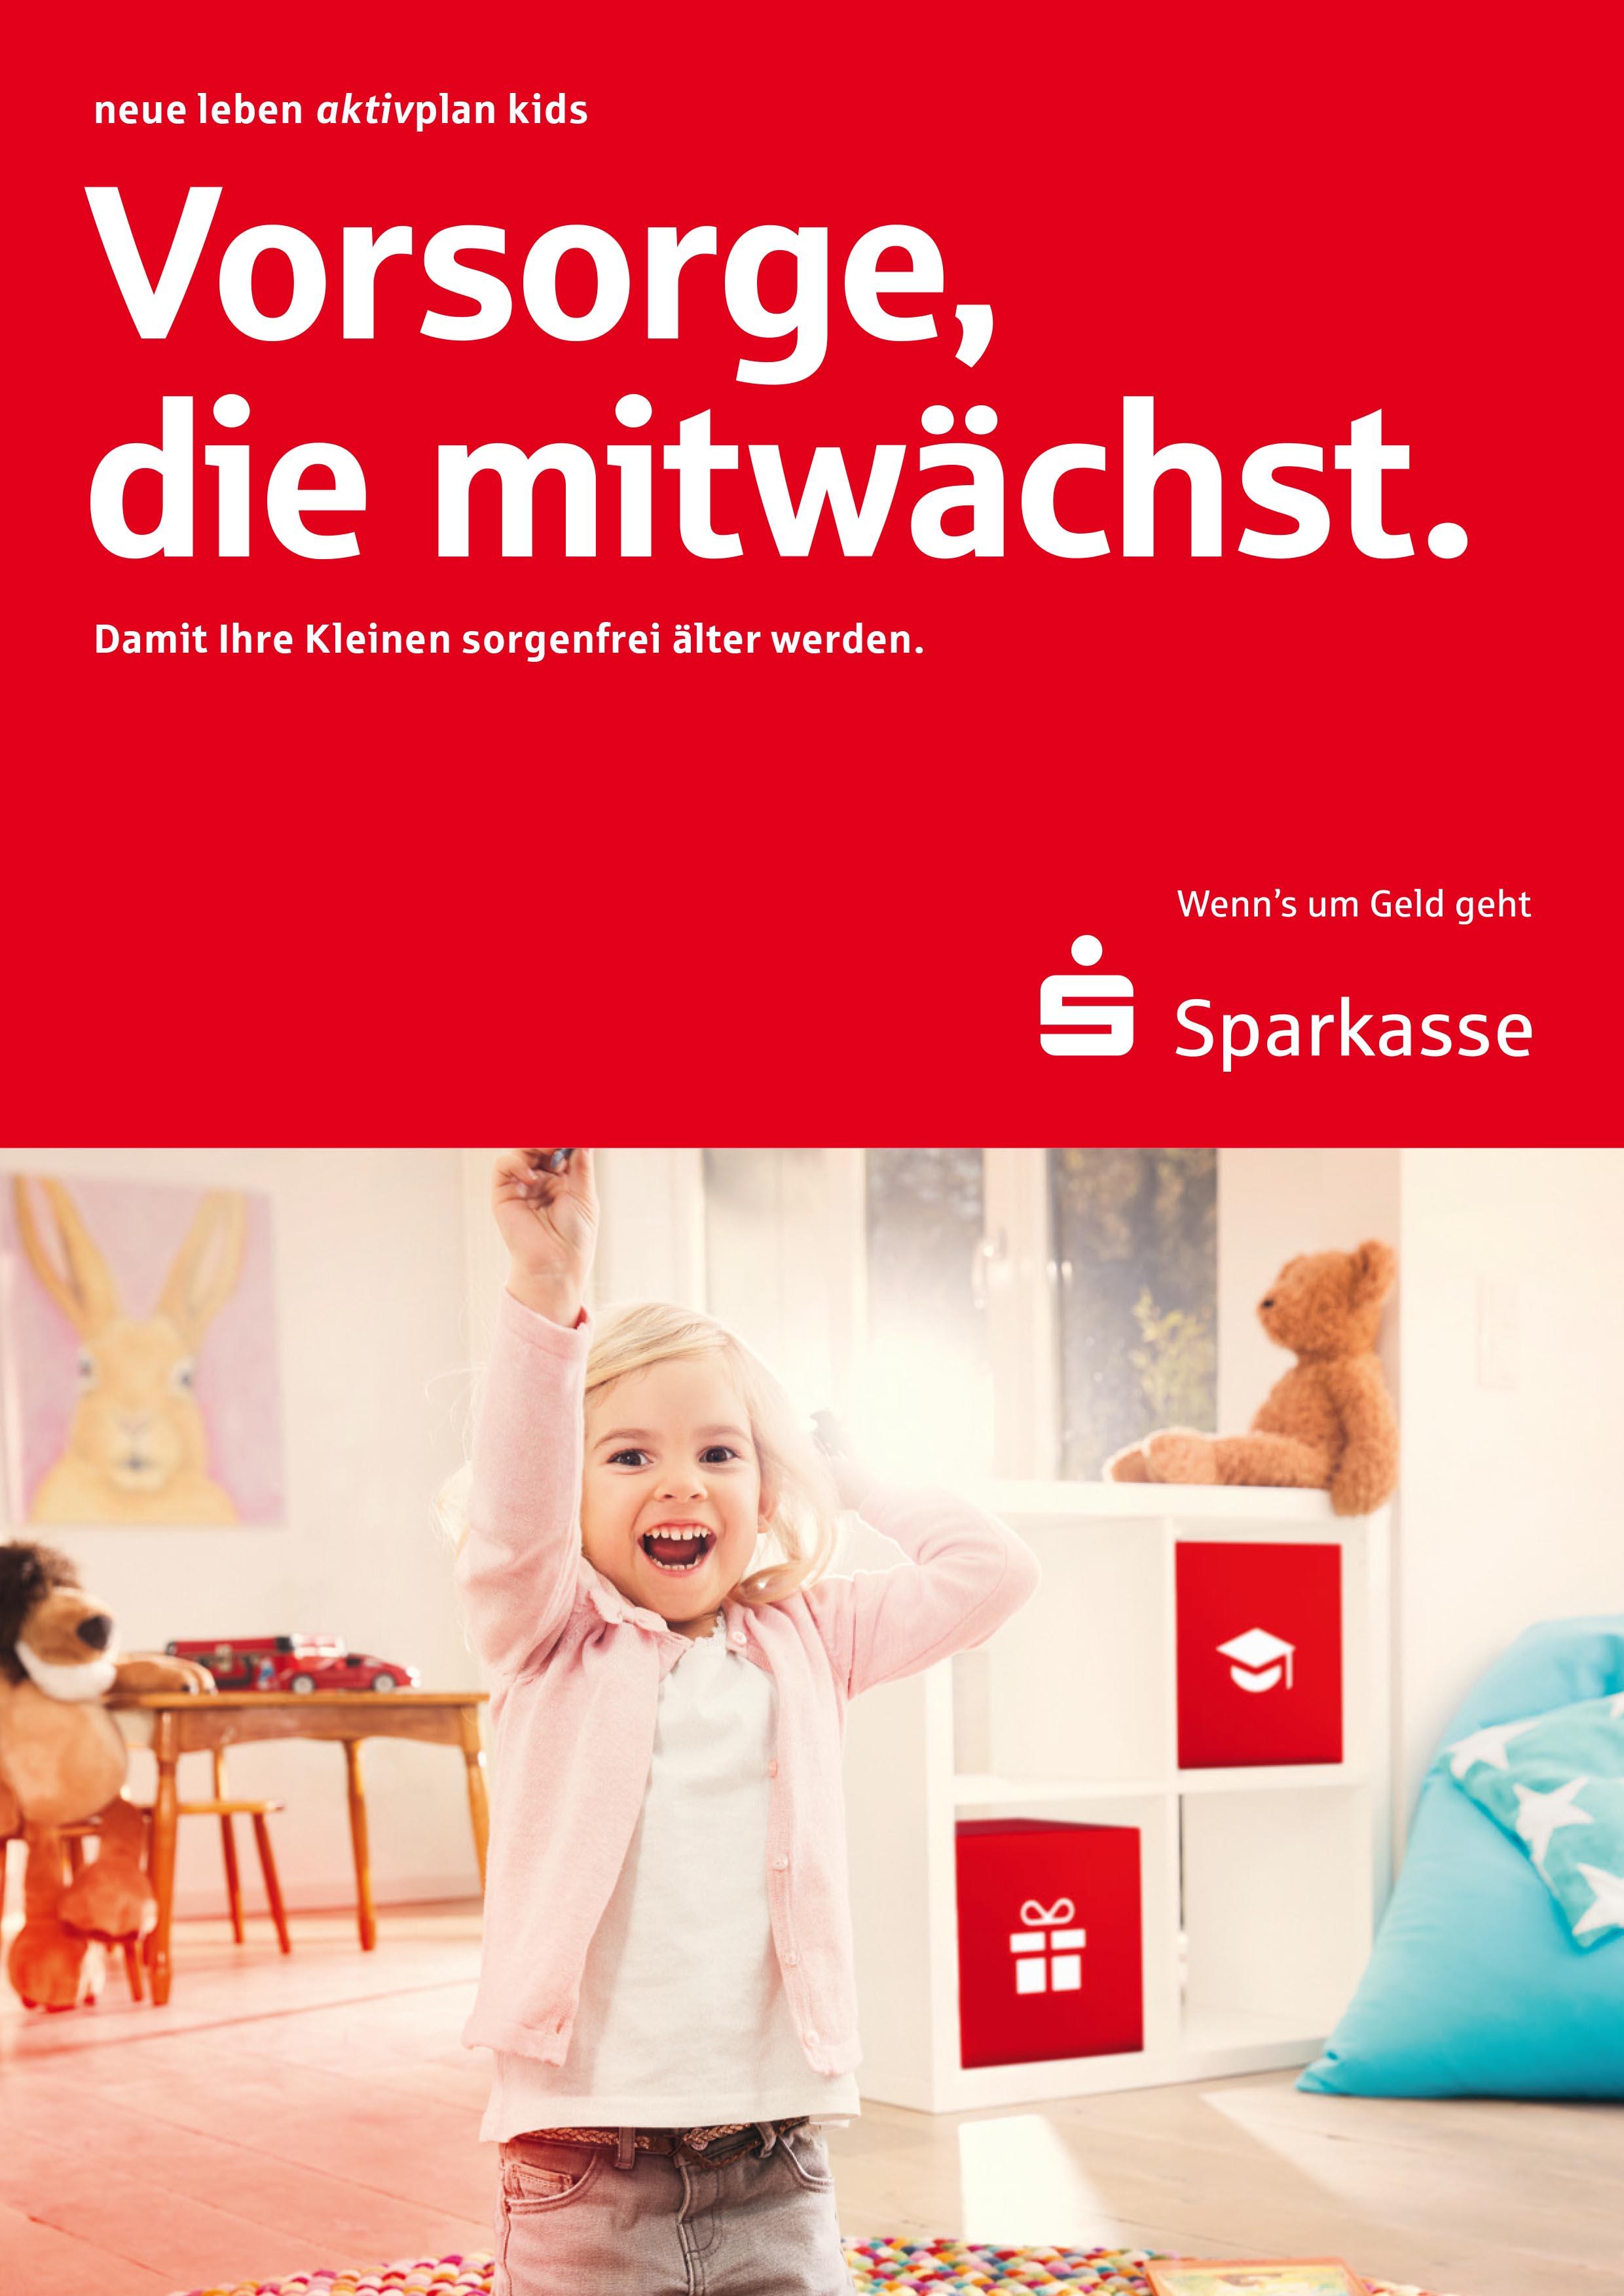 Sparkasse_neue Leben_WANT Köln